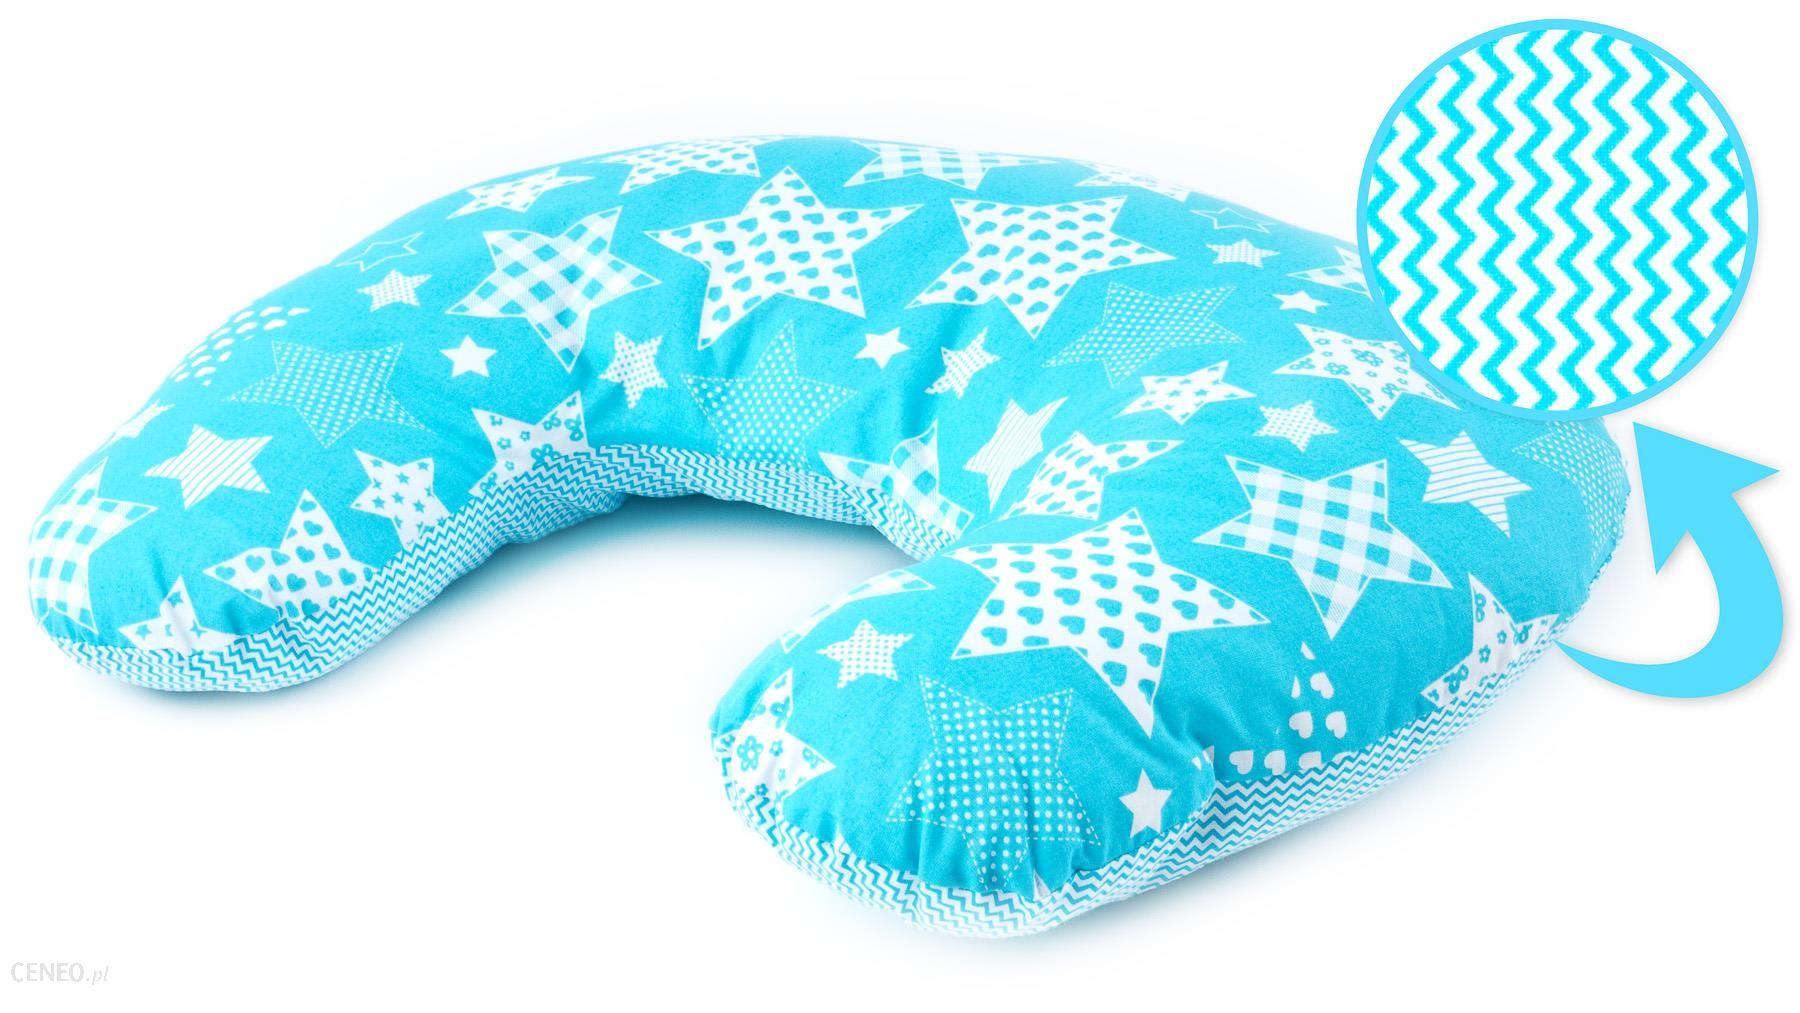 Μαξιλάρι θηλασμού γαλάζιο με αστεράκια  - Sensillo